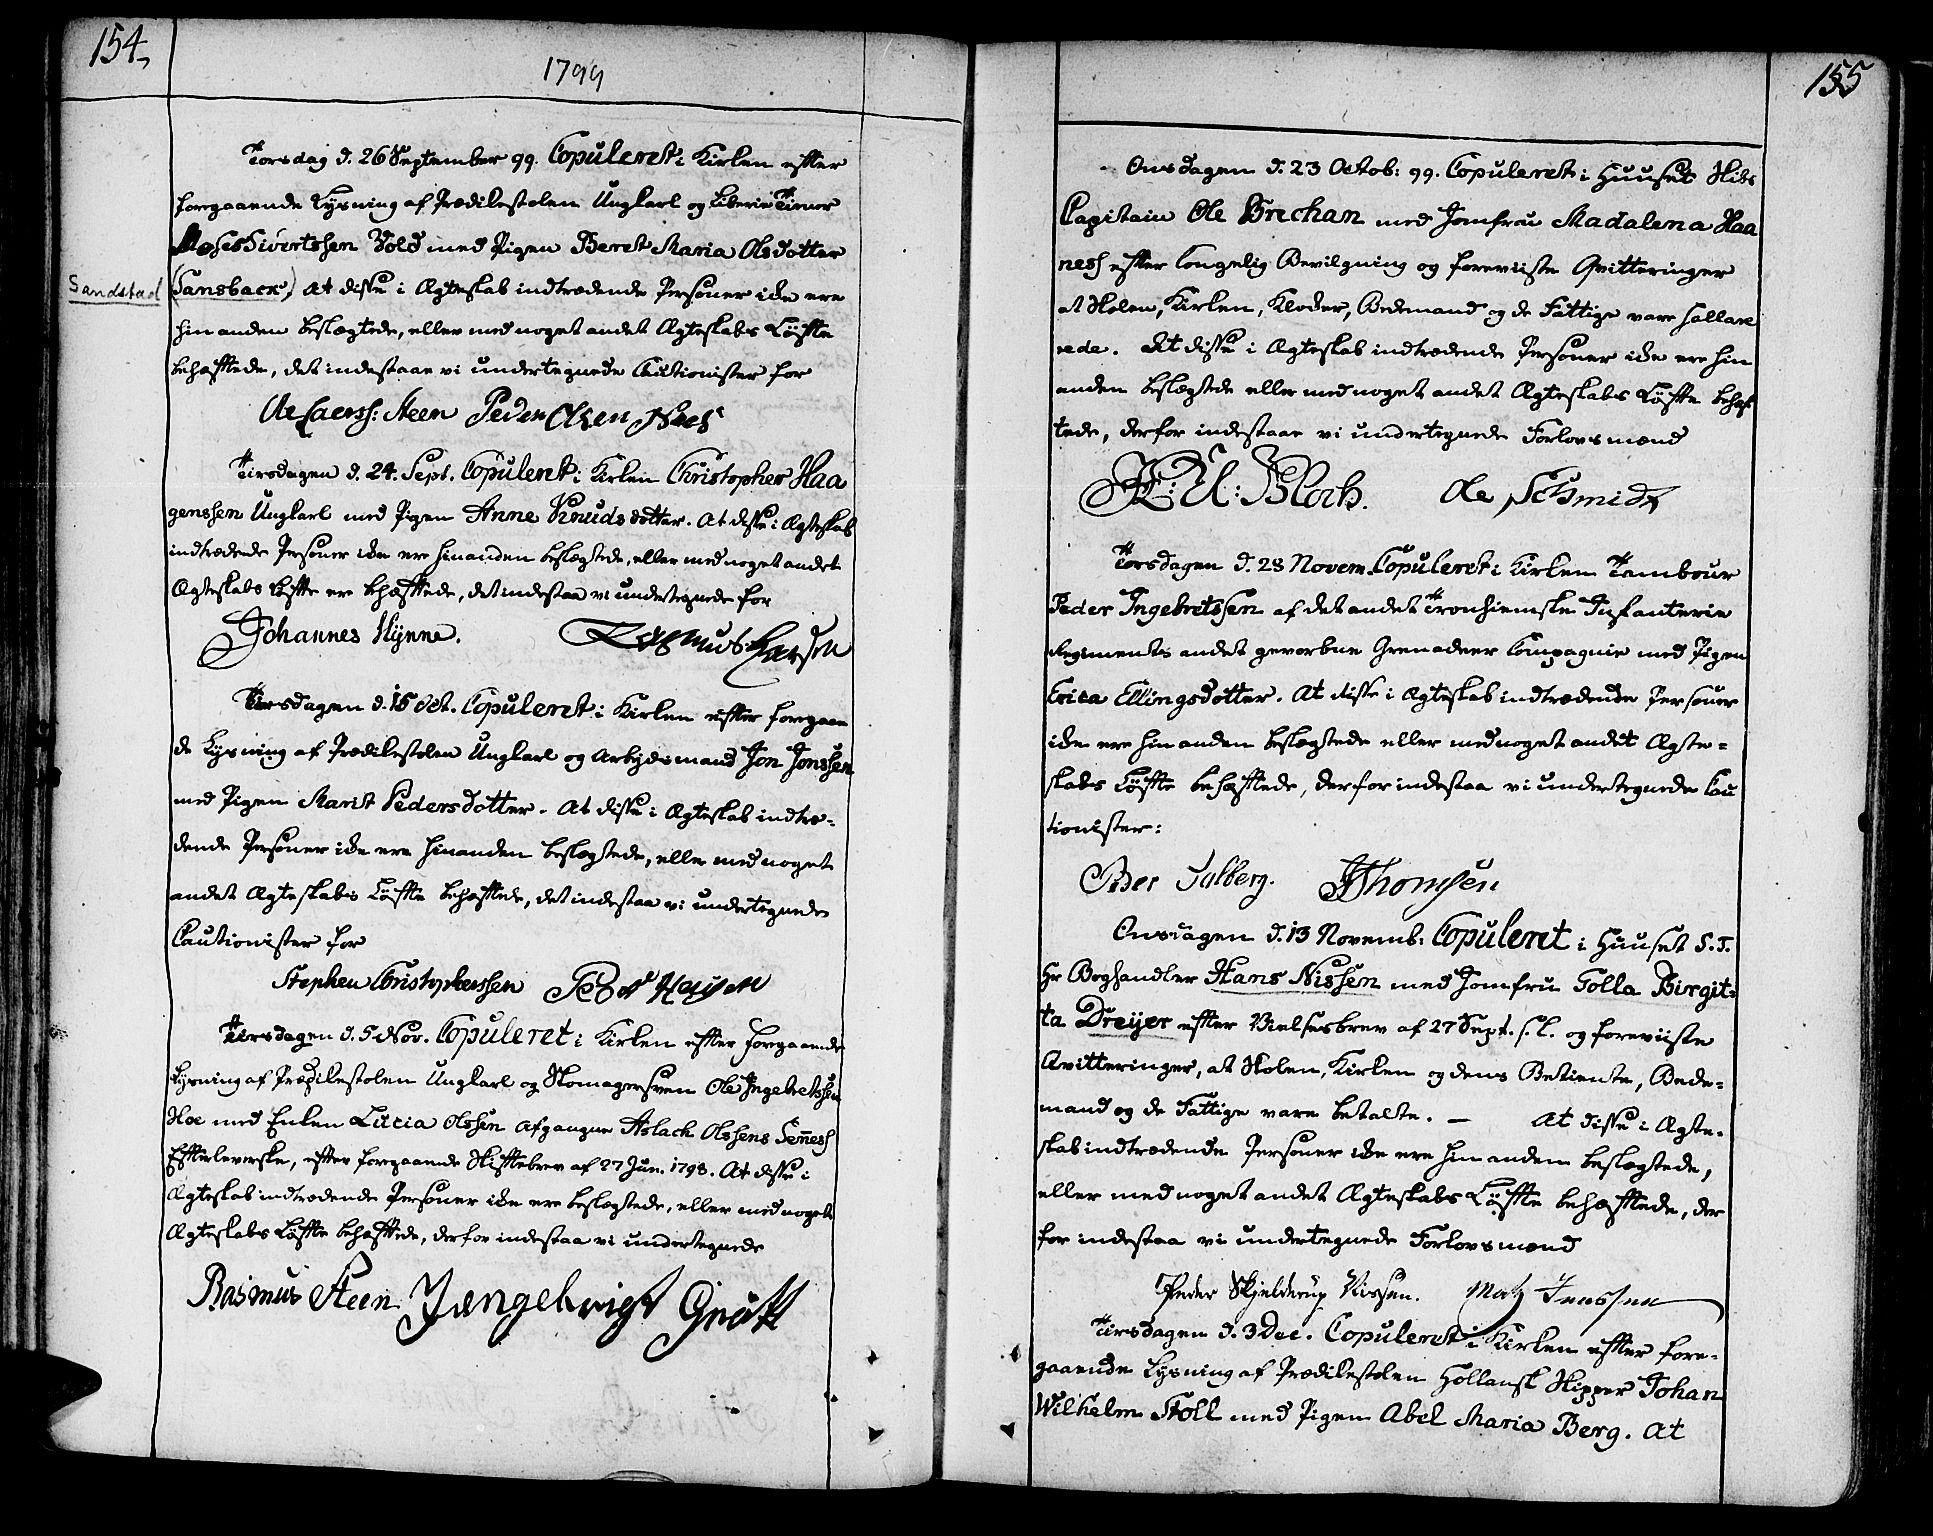 SAT, Ministerialprotokoller, klokkerbøker og fødselsregistre - Sør-Trøndelag, 602/L0105: Ministerialbok nr. 602A03, 1774-1814, s. 154-155